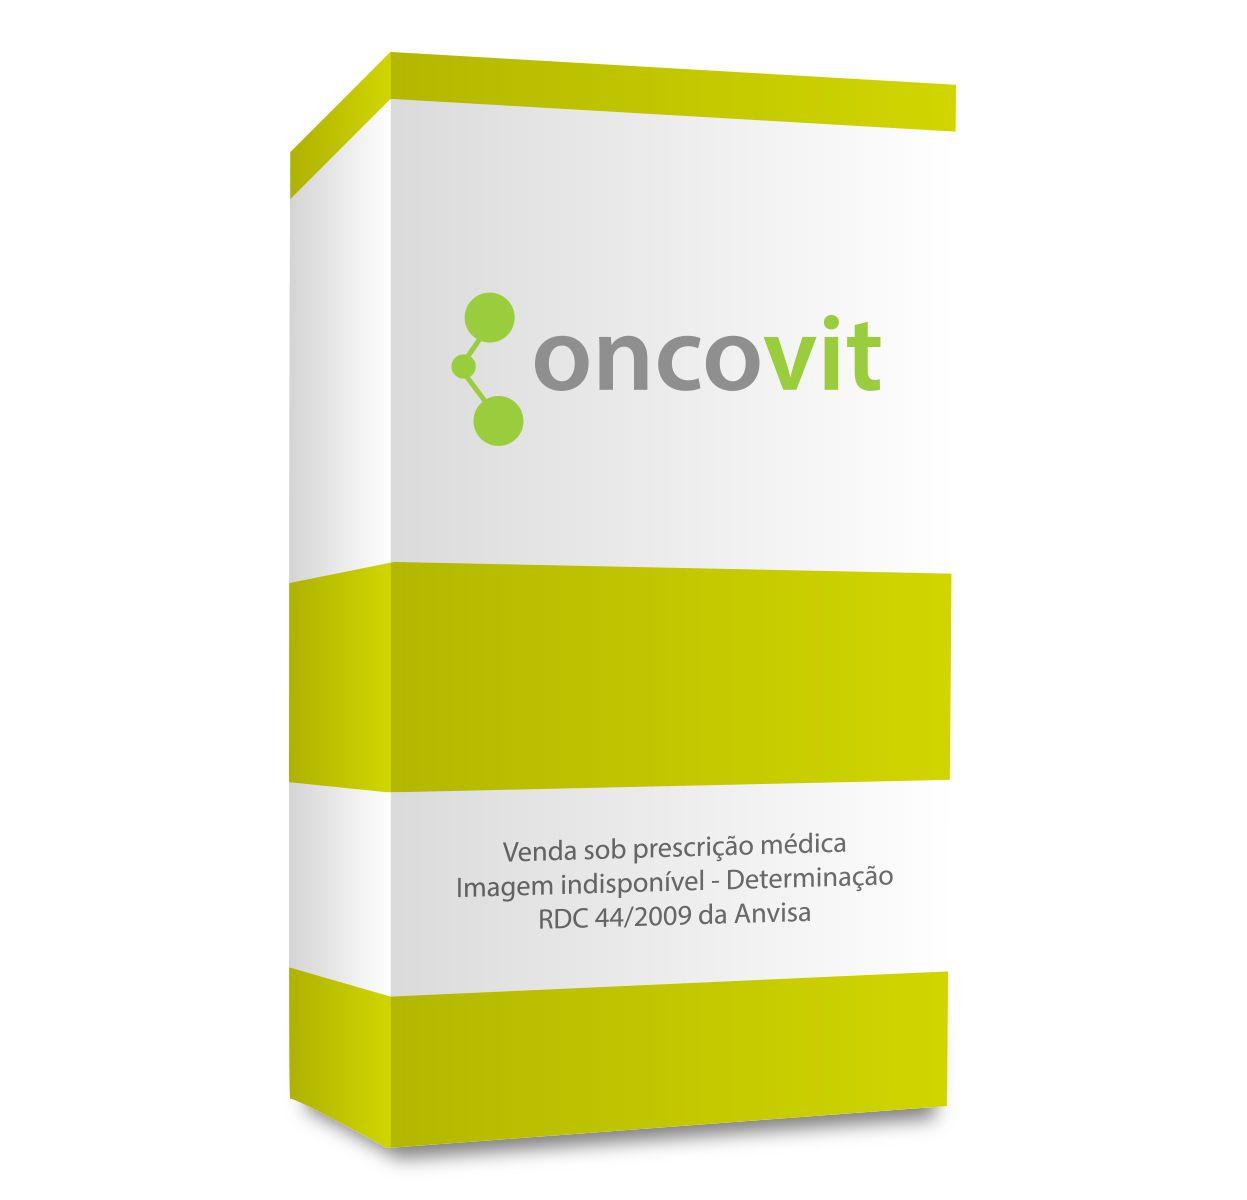 Hemax Eritron 10.000UI, caixa com 1 frasco-ampola com pó para solução de uso intravenoso ou subcutâneo + 1 ampola com 1mL de diluente